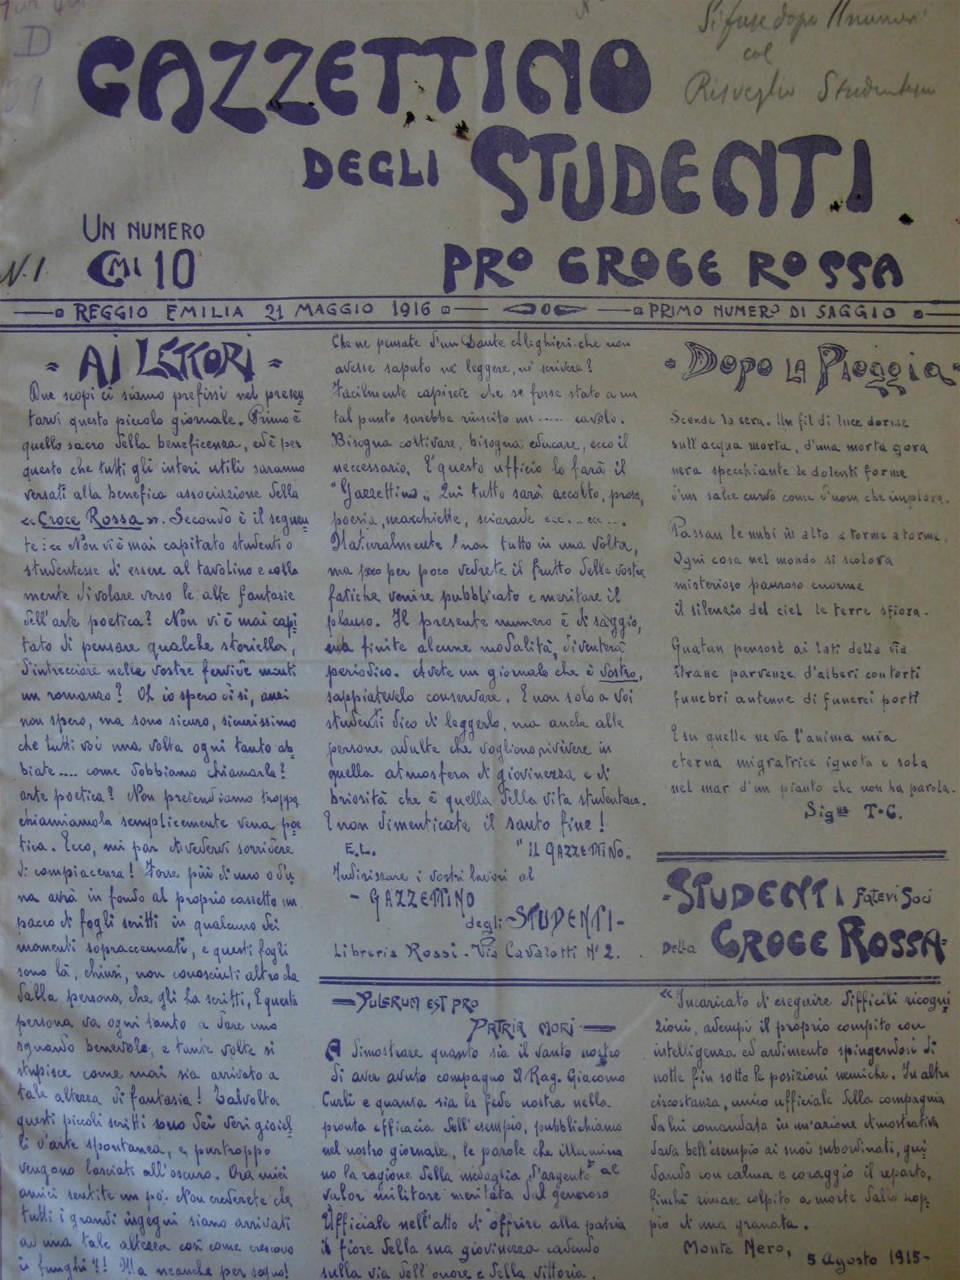 gazzettino studenti Reggio Emilia, 1916